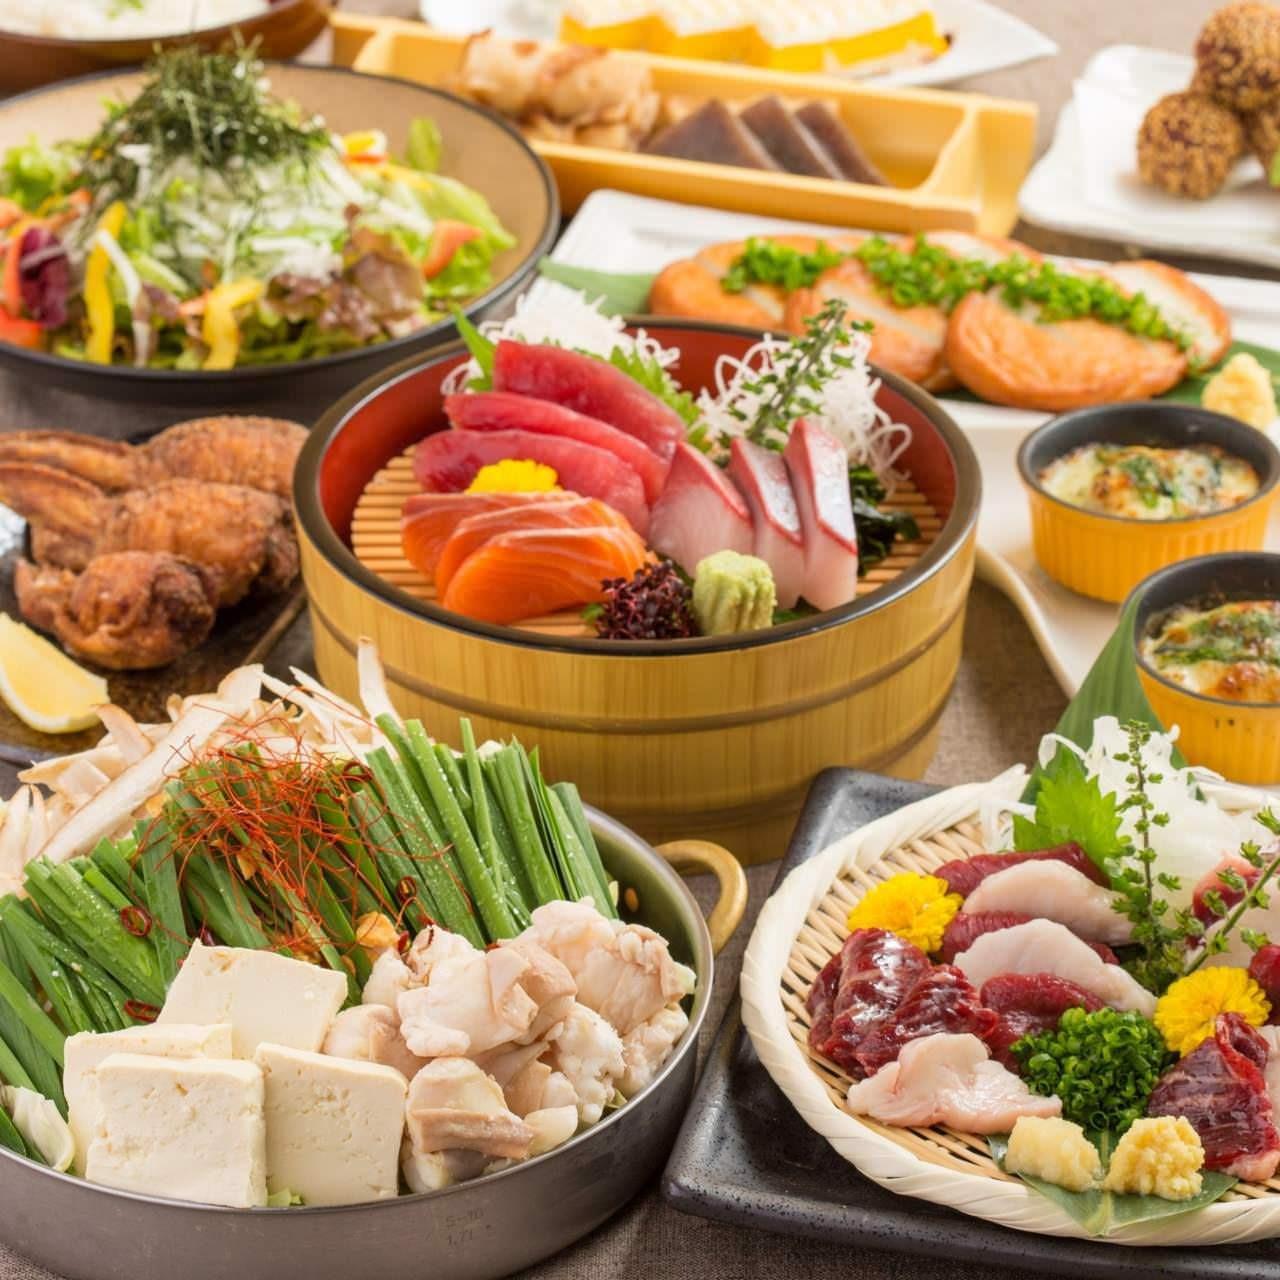 新宿の安い居酒屋特集!コスパ最強の美味しいおすすめ店まとめ!